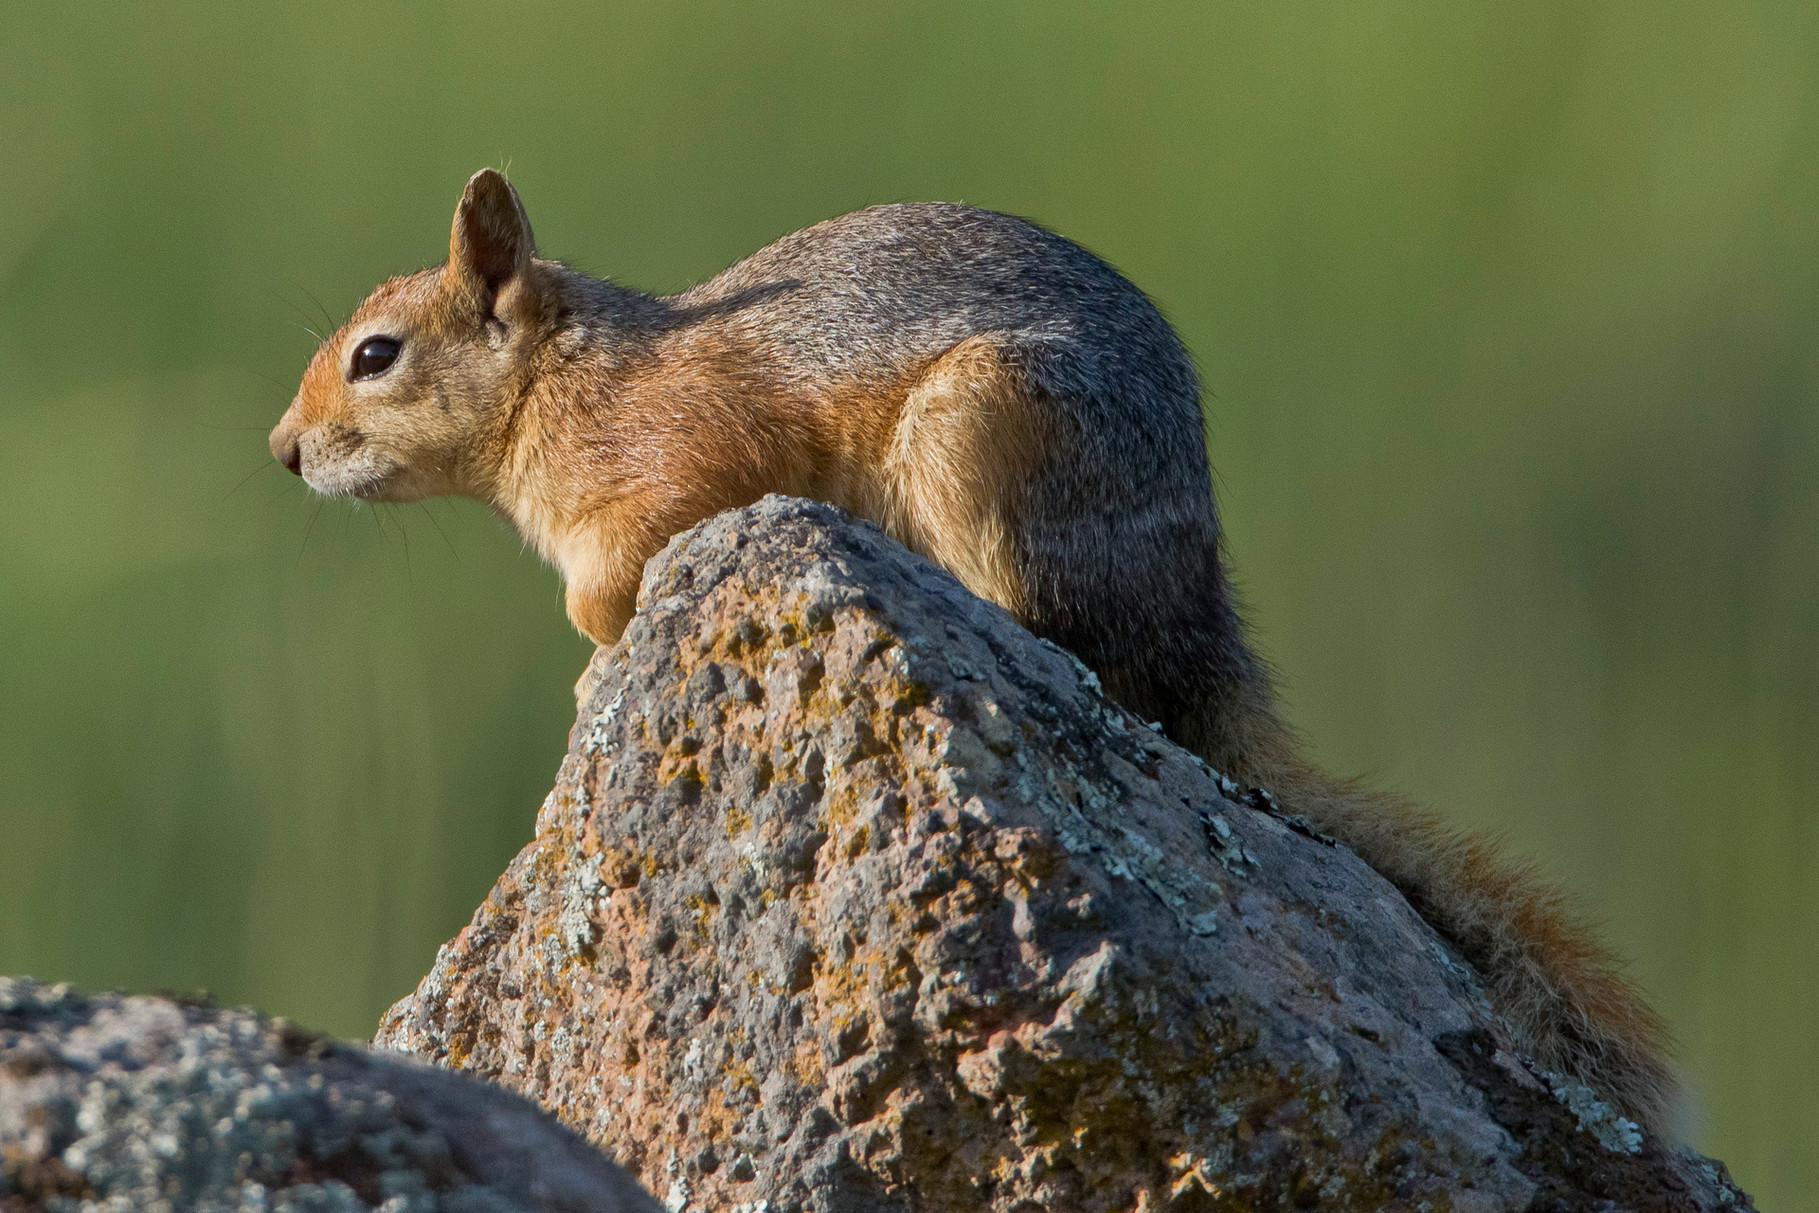 ...wo wir auch auf dieses Baumhörnchen treffen (ist es ein Kaukasisches Eichhörnchen?)